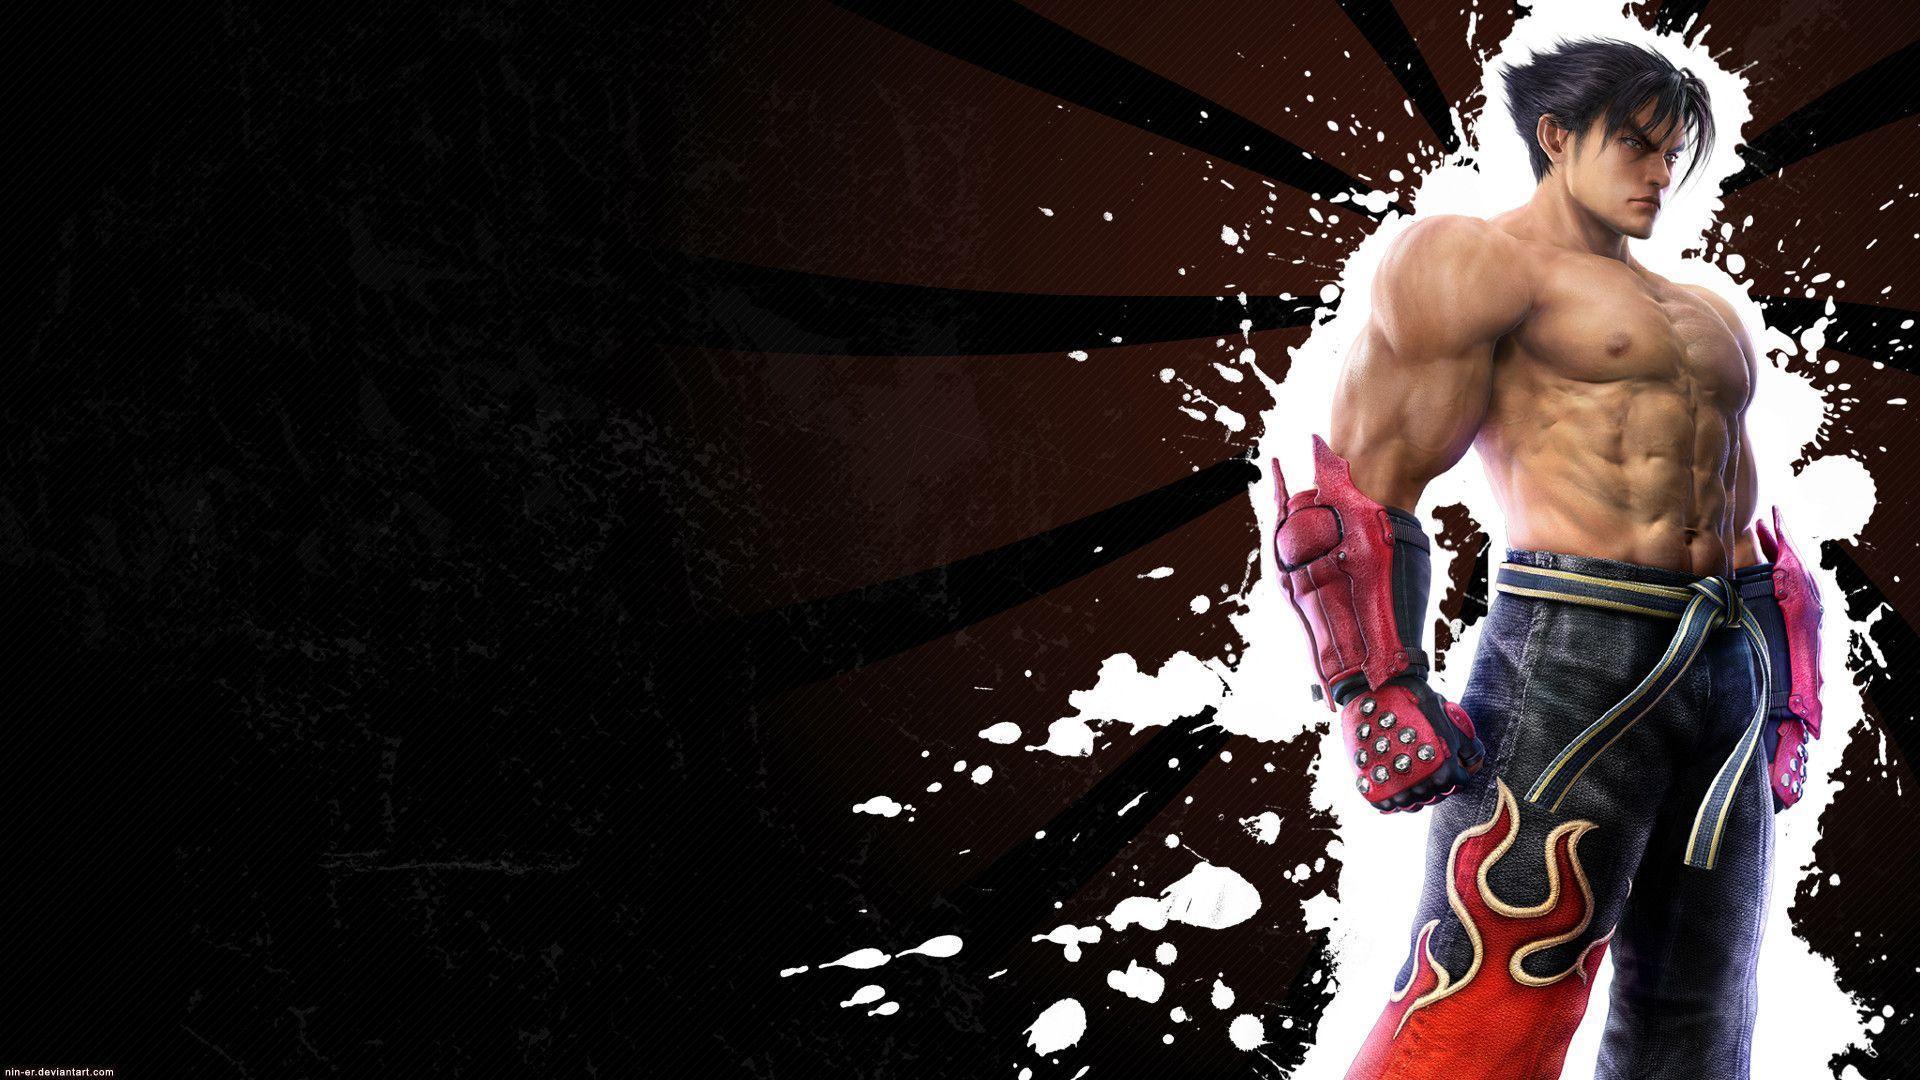 Tekken 3 Wallpapers Top Free Tekken 3 Backgrounds Wallpaperaccess